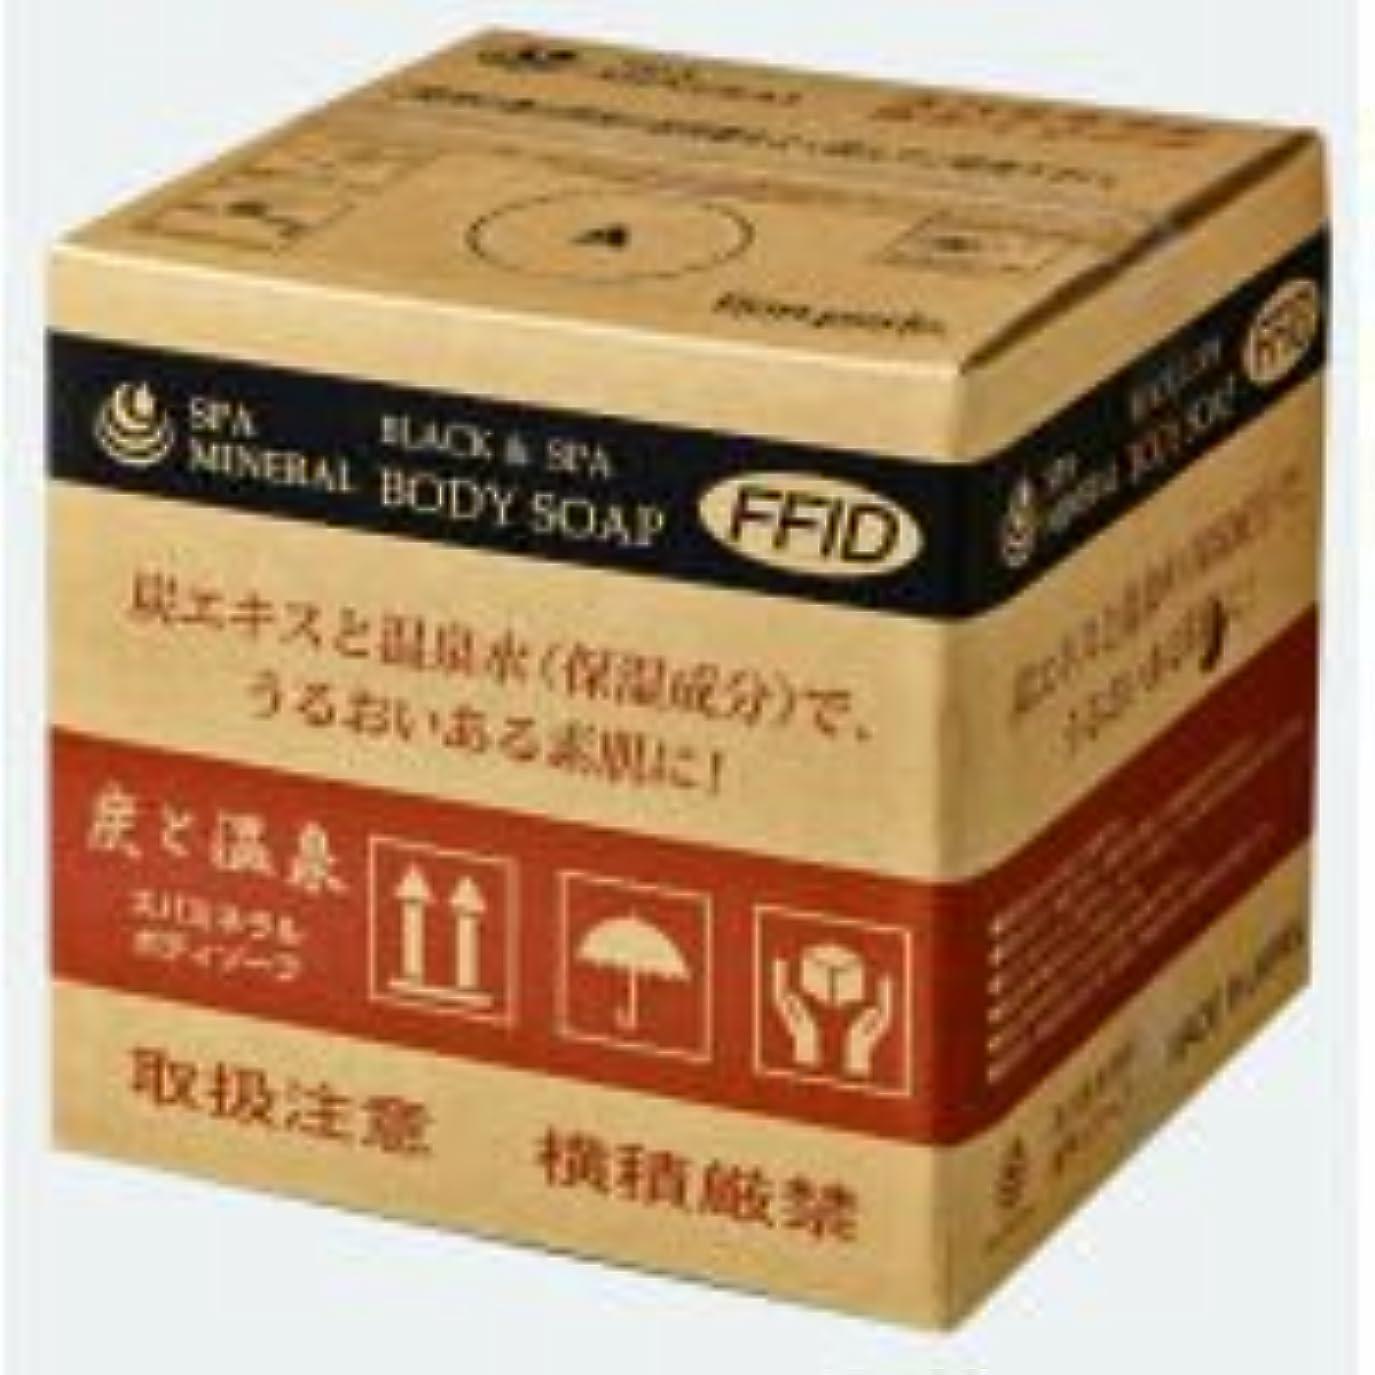 絶対の下品割れ目スパミネラル 炭ボディソープ 20kg 詰替用